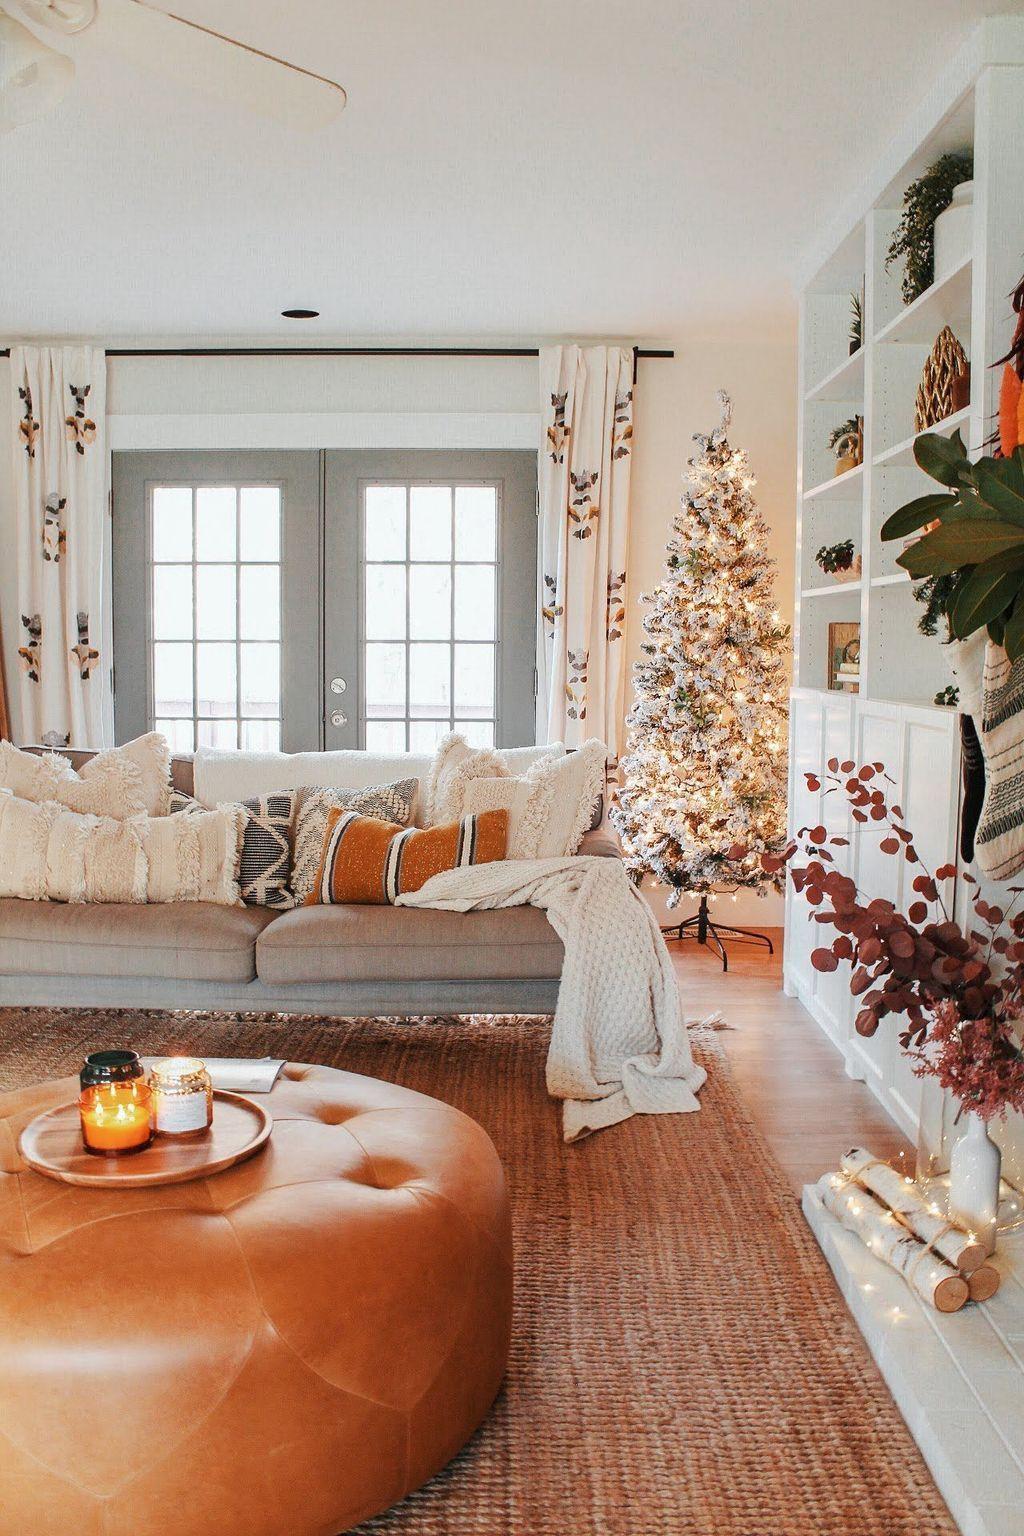 36 nice boho farmhouse design ideas for your living room